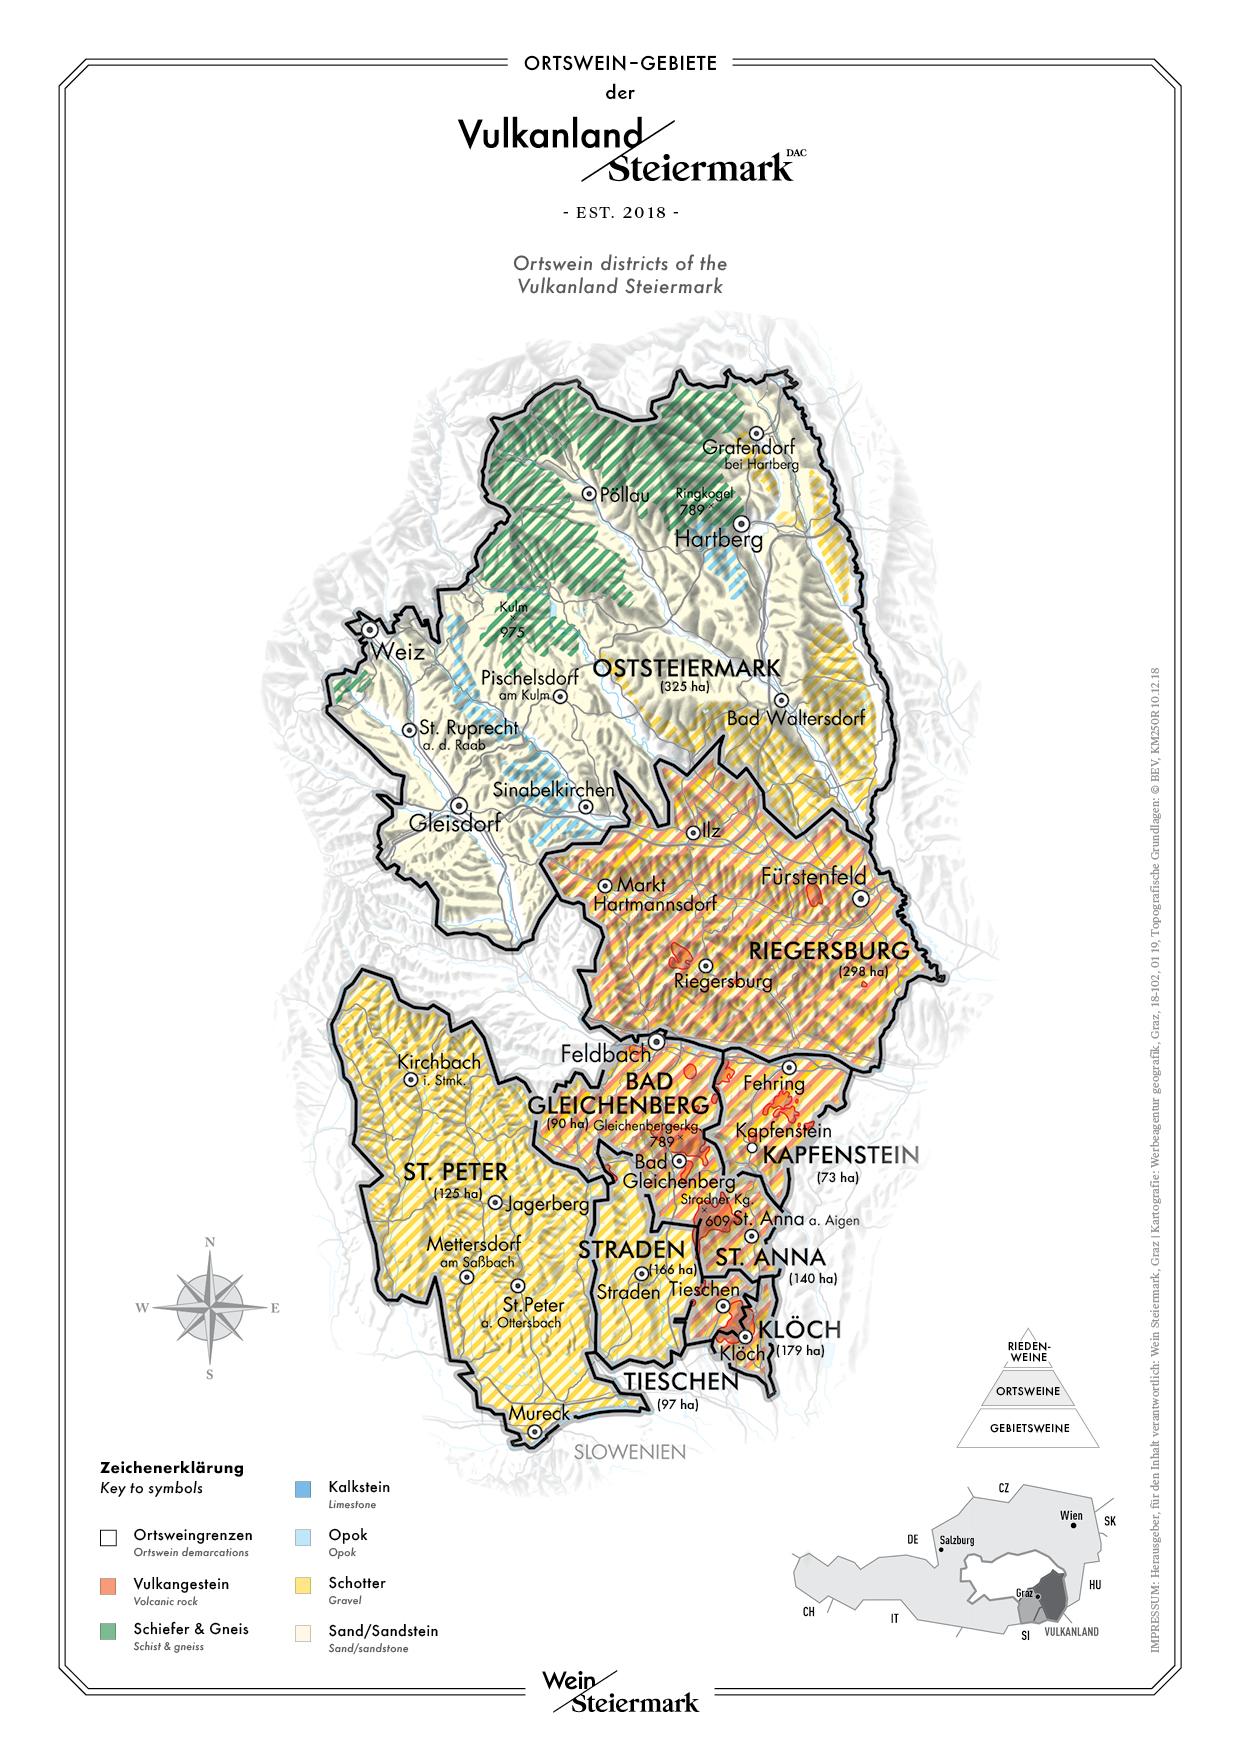 Karte der Ortsweingebiete im Vulkanland - DAC Anbaugebiete der Südsteiermark - Ortsweine Steiermark